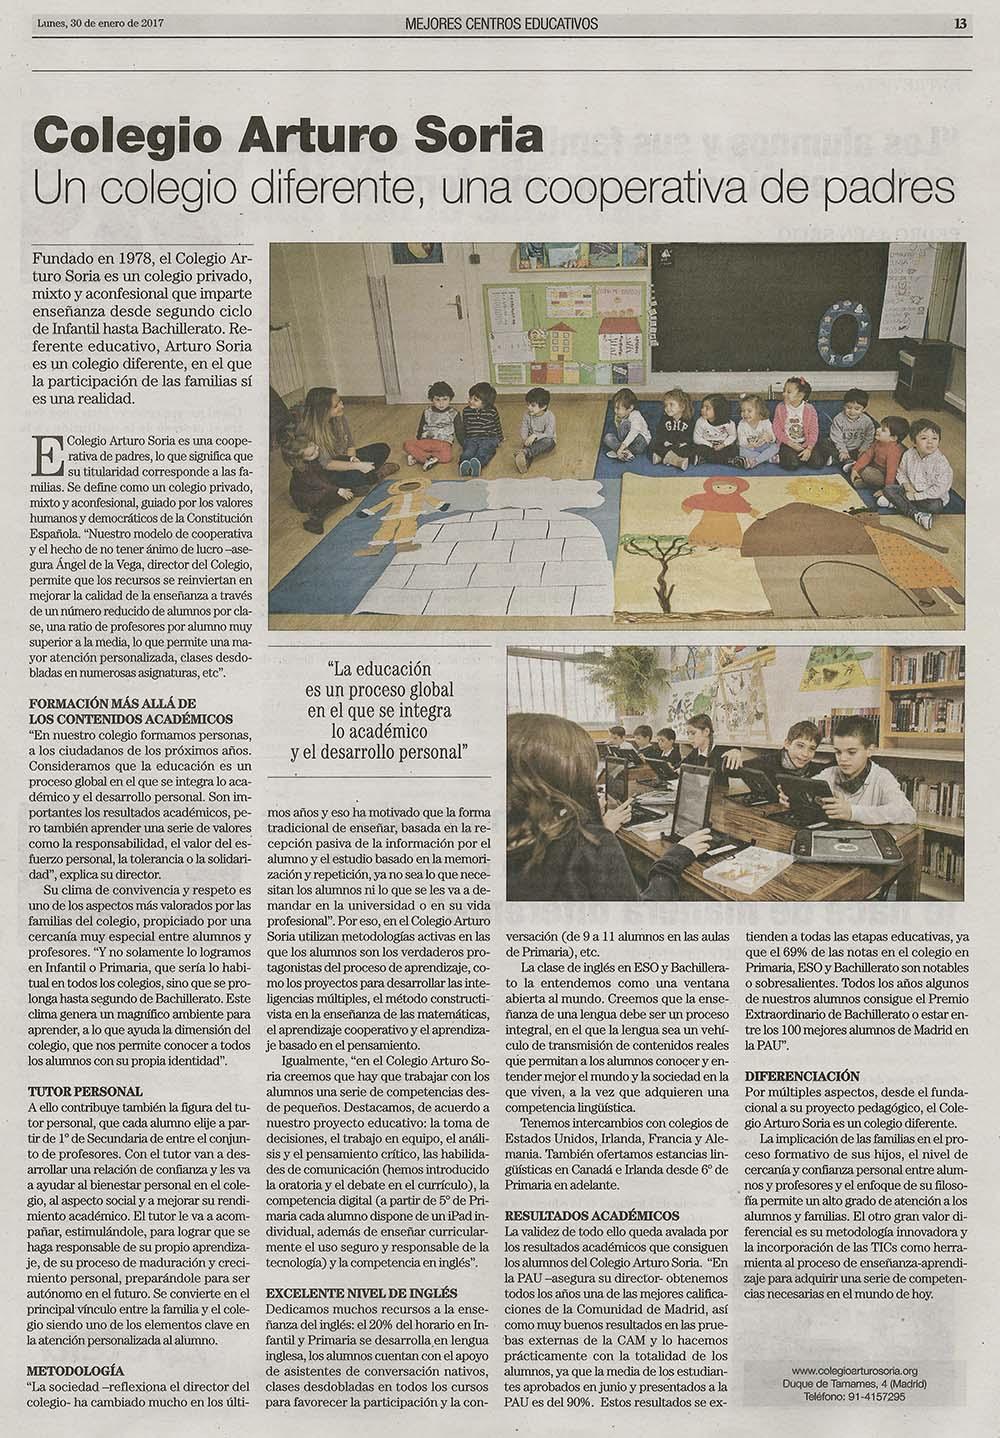 El País 30 de enero de 2017. Mejores centros educativos, Colegio Arturo Soria